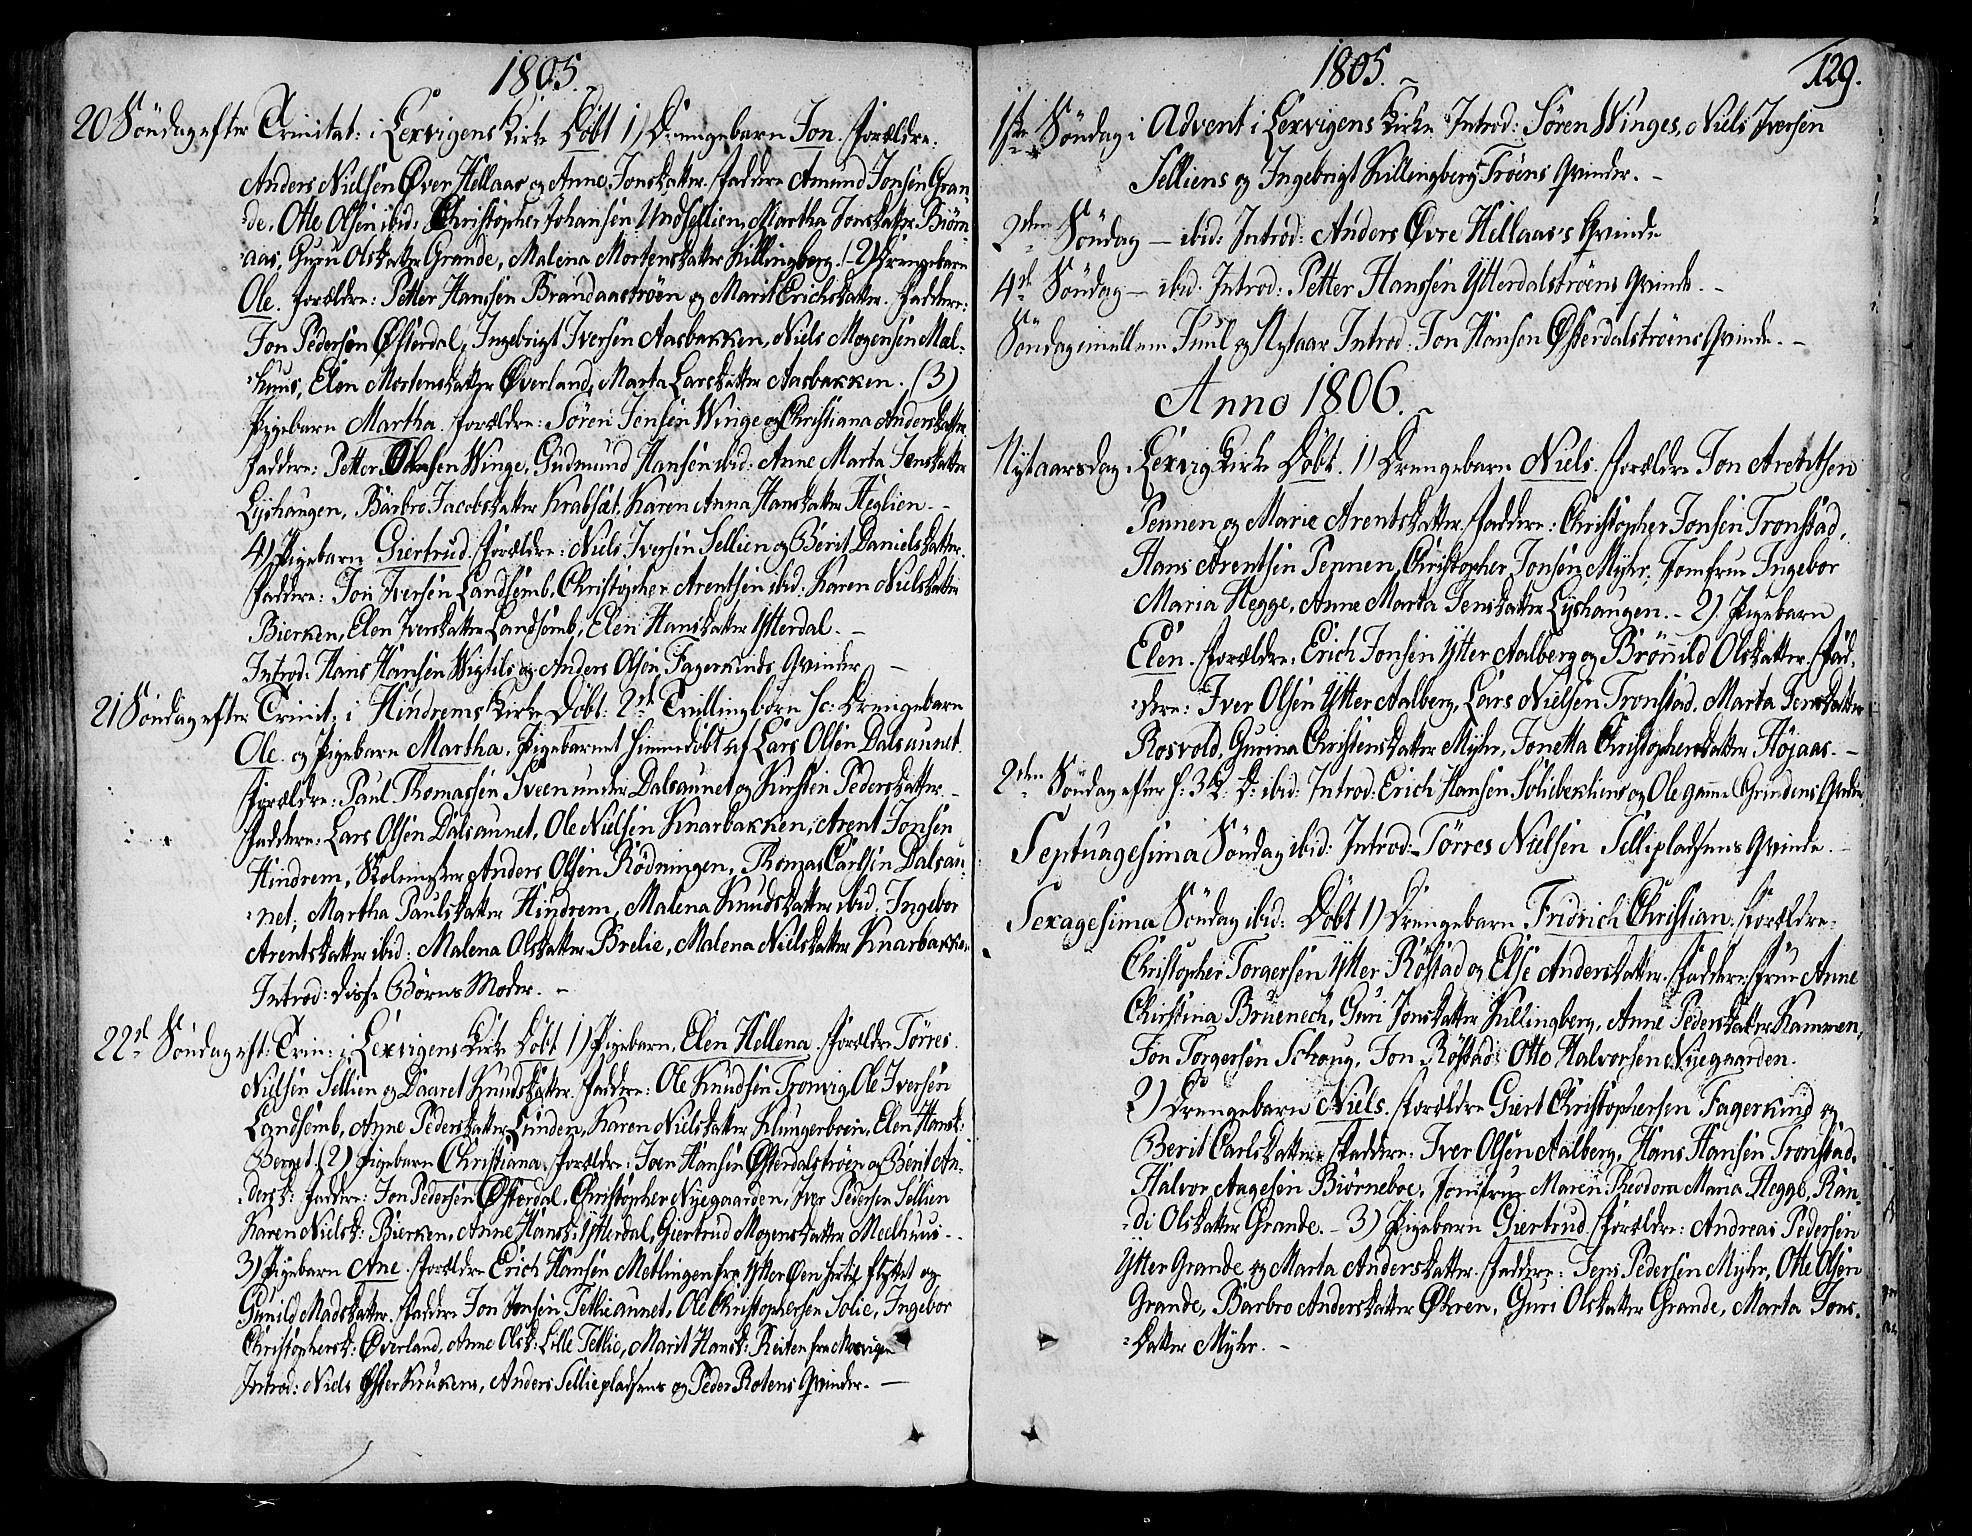 SAT, Ministerialprotokoller, klokkerbøker og fødselsregistre - Nord-Trøndelag, 701/L0004: Ministerialbok nr. 701A04, 1783-1816, s. 129